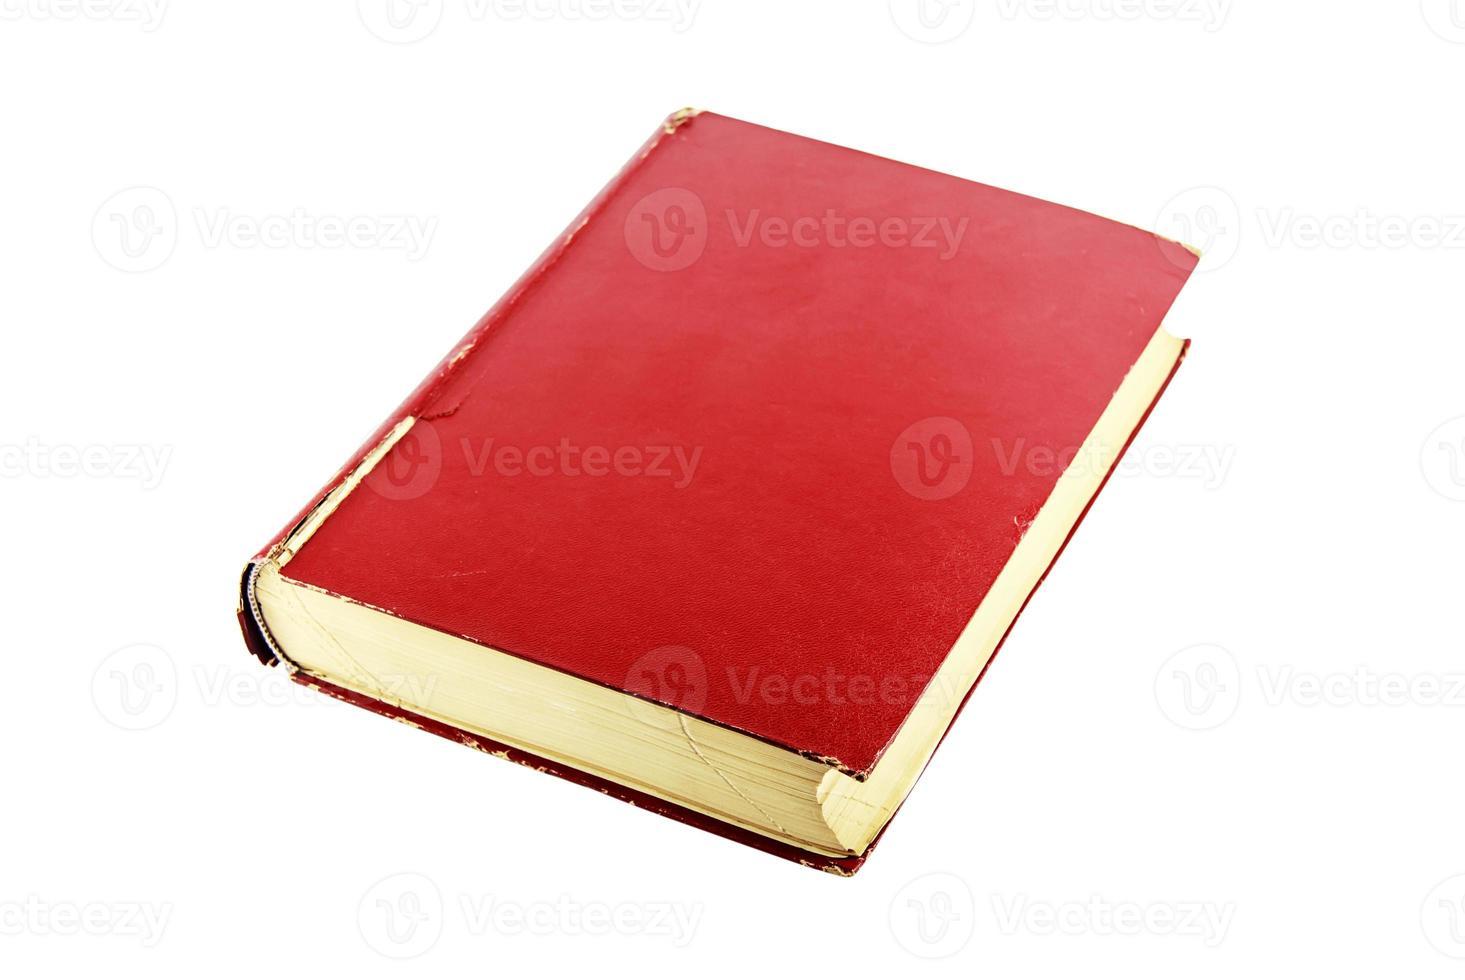 altes rotes Buch lokalisiert auf Weiß foto